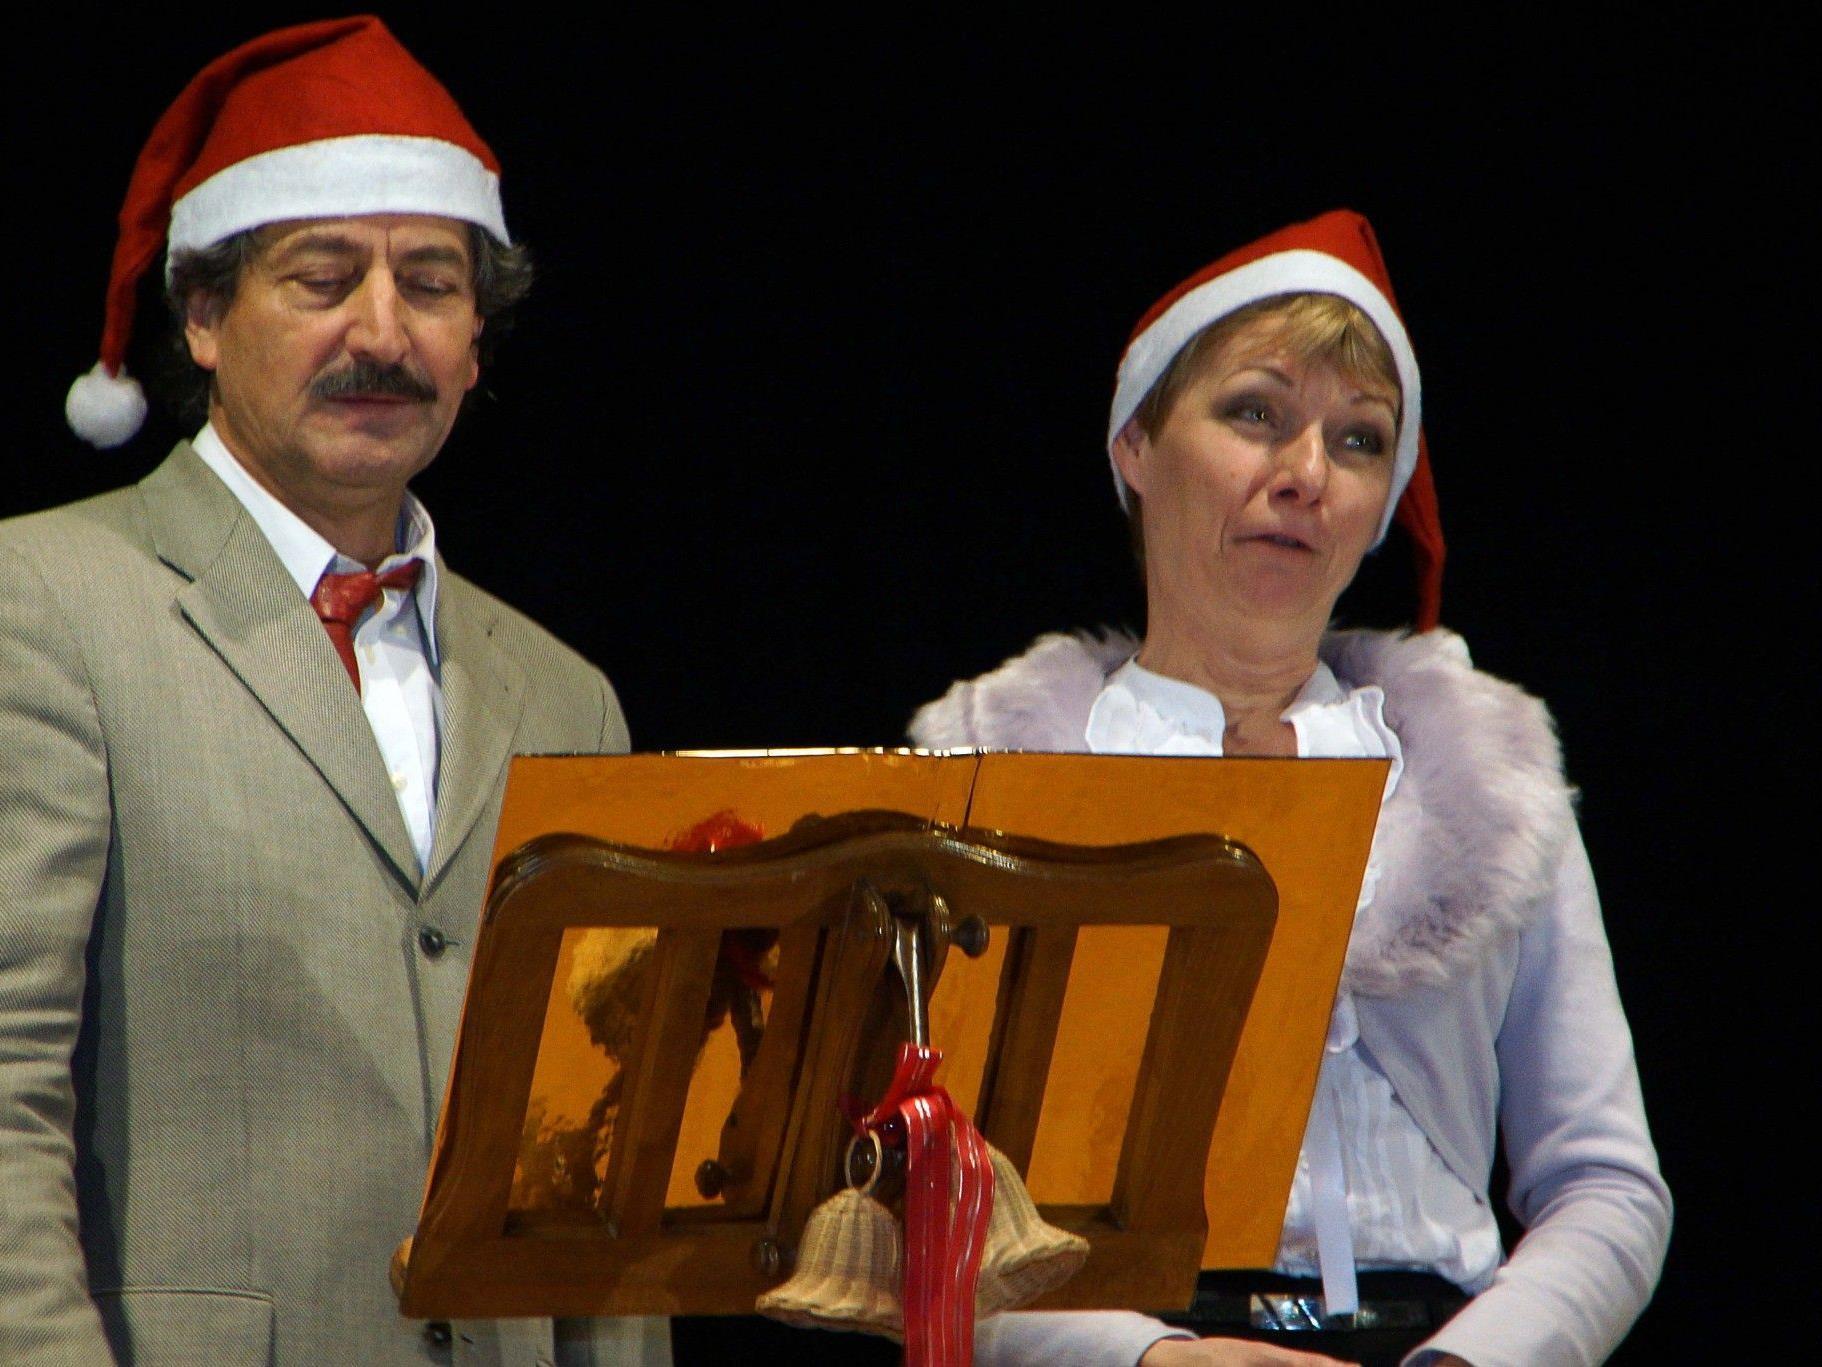 Heiter – Besinnliches rund um Weihnachten mit Alfons Noventa und Christine Aichberger.